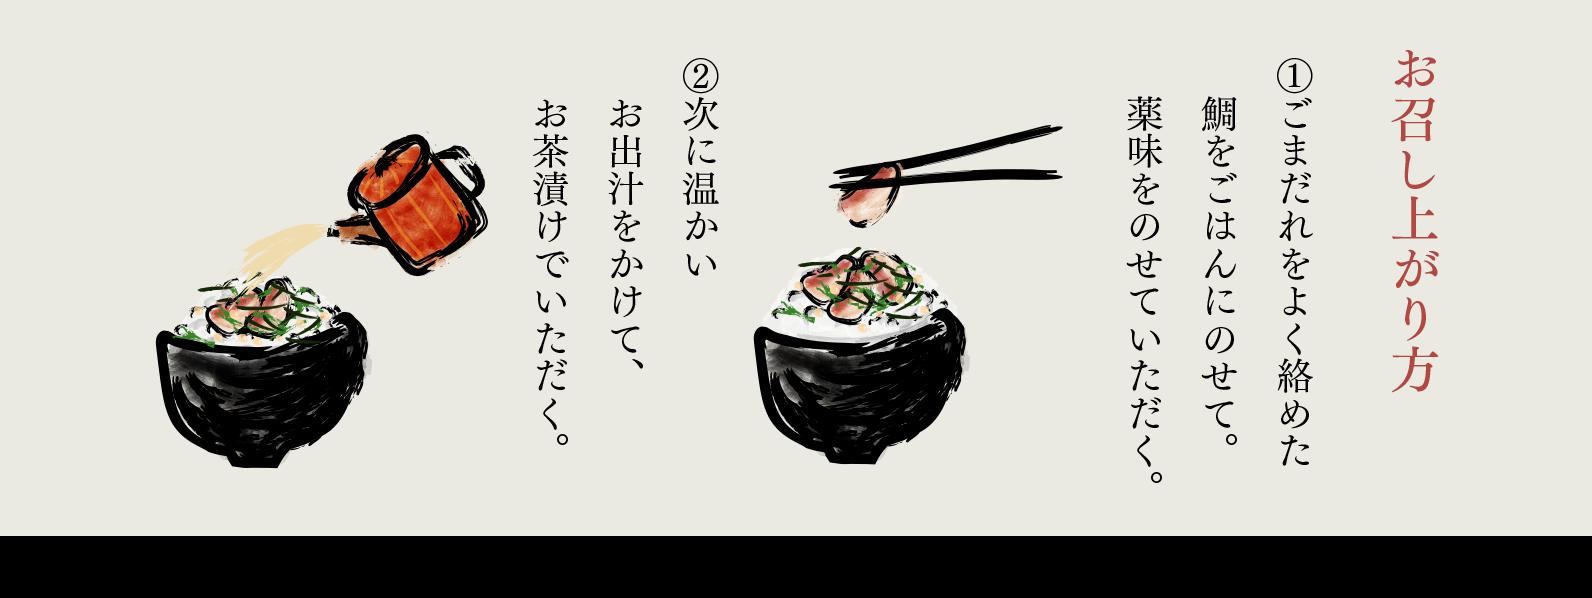 天草鯛の茶漬けご膳の食べ方